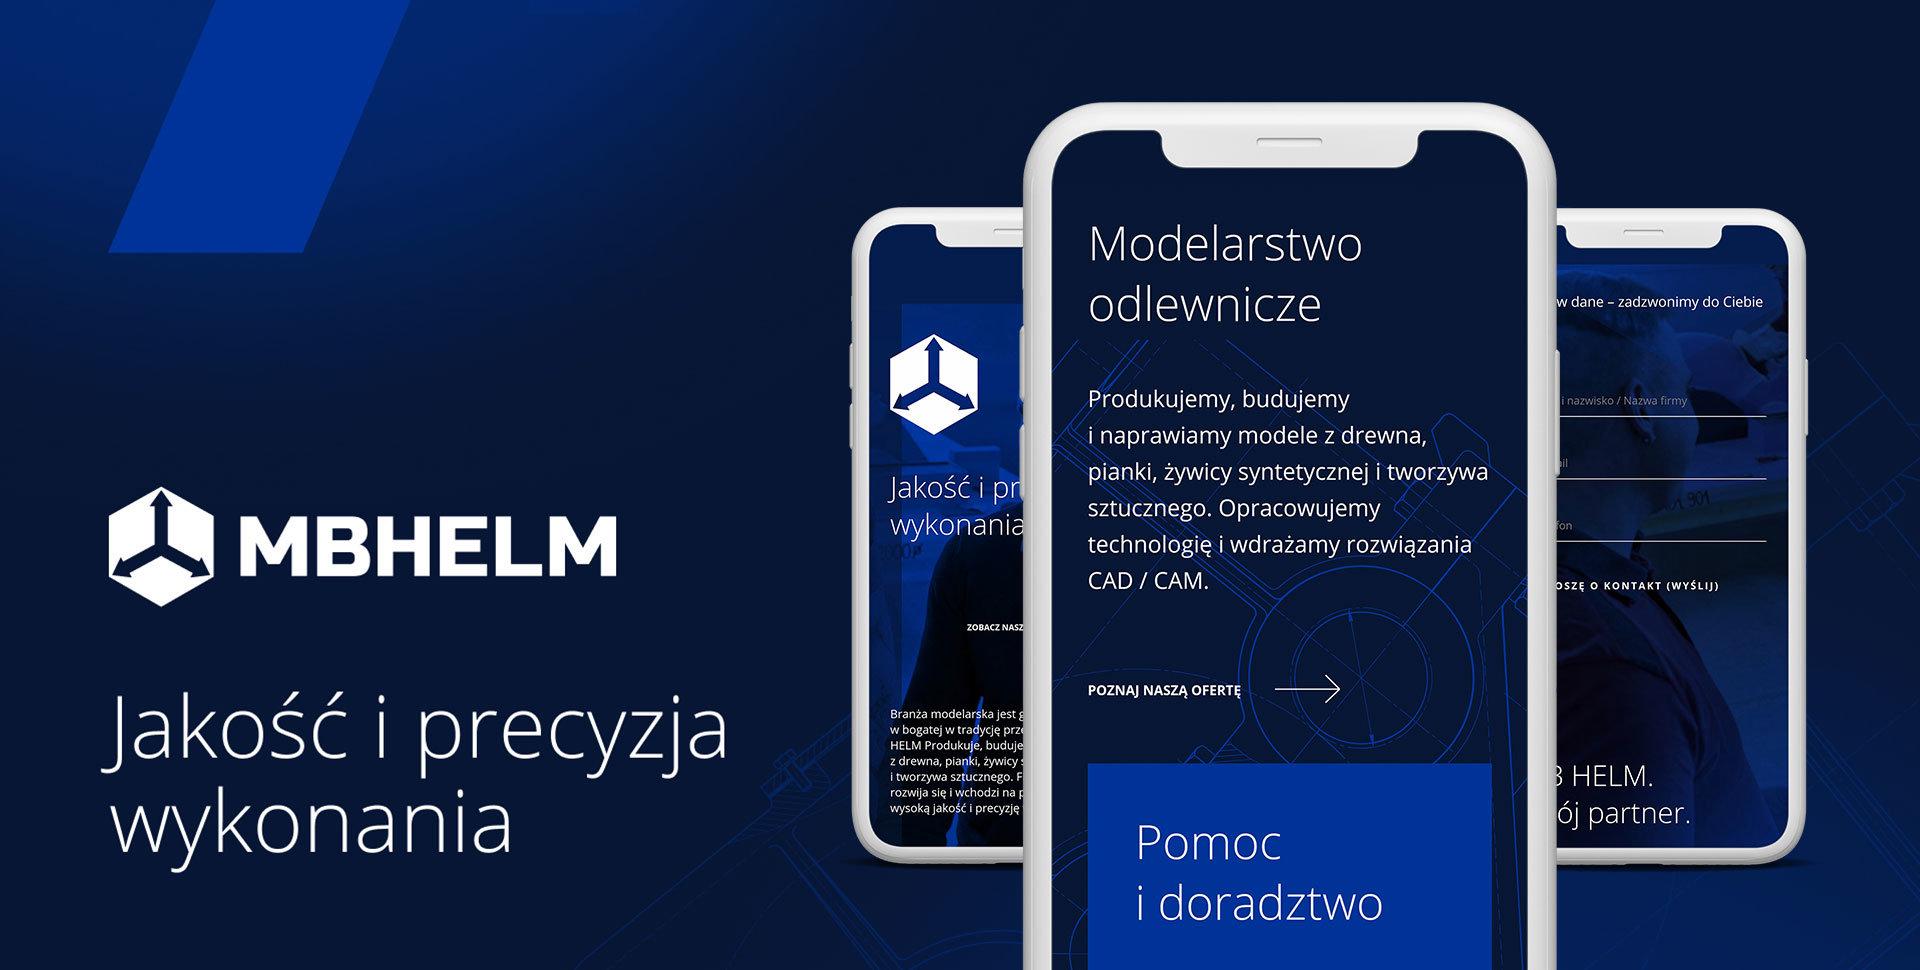 Projektowanie stron www Opole dla przemysłu